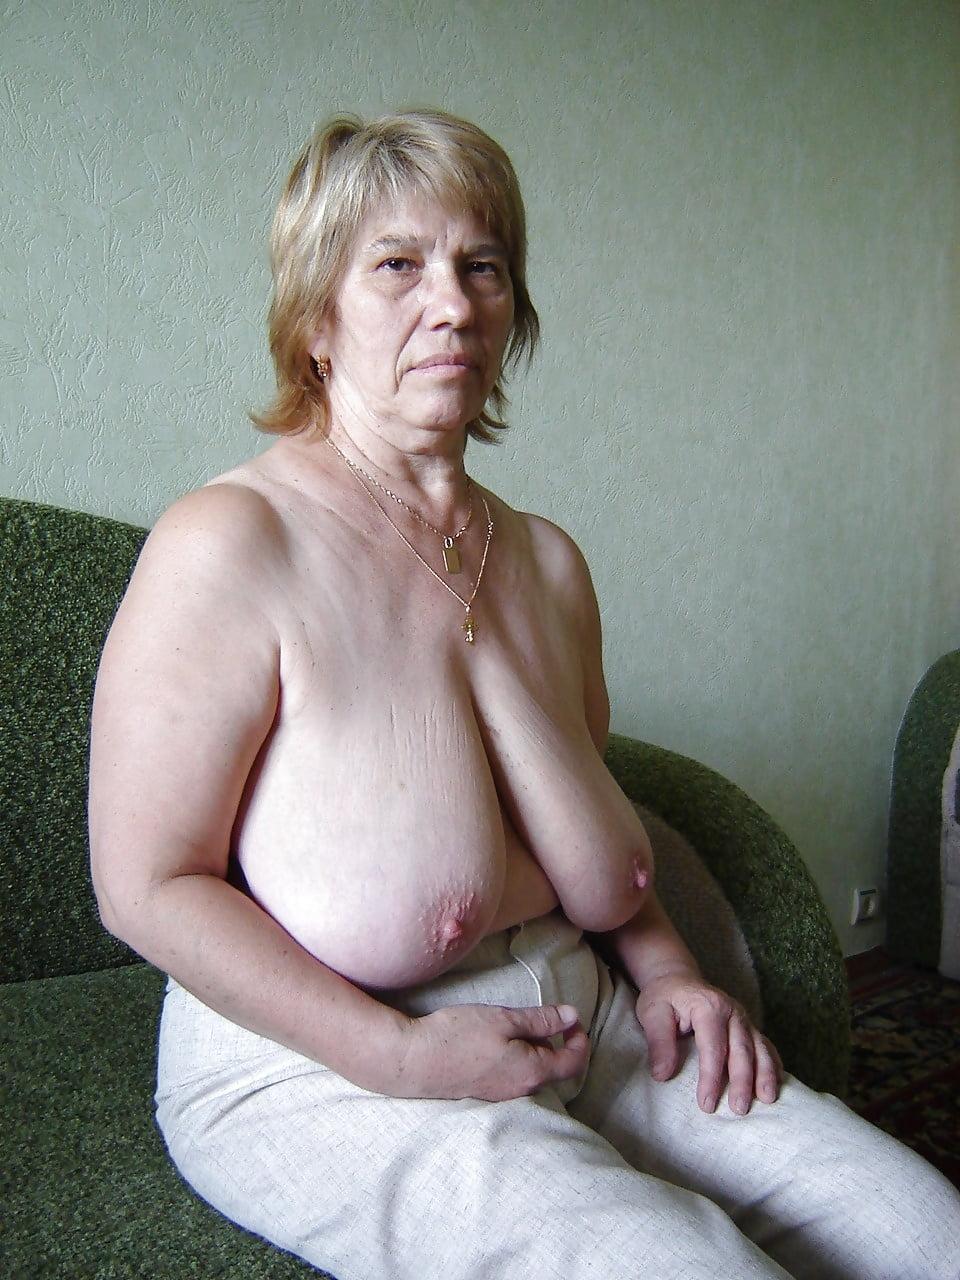 Порнуху студентки любительские фото голых тещи просвечиваются бикини